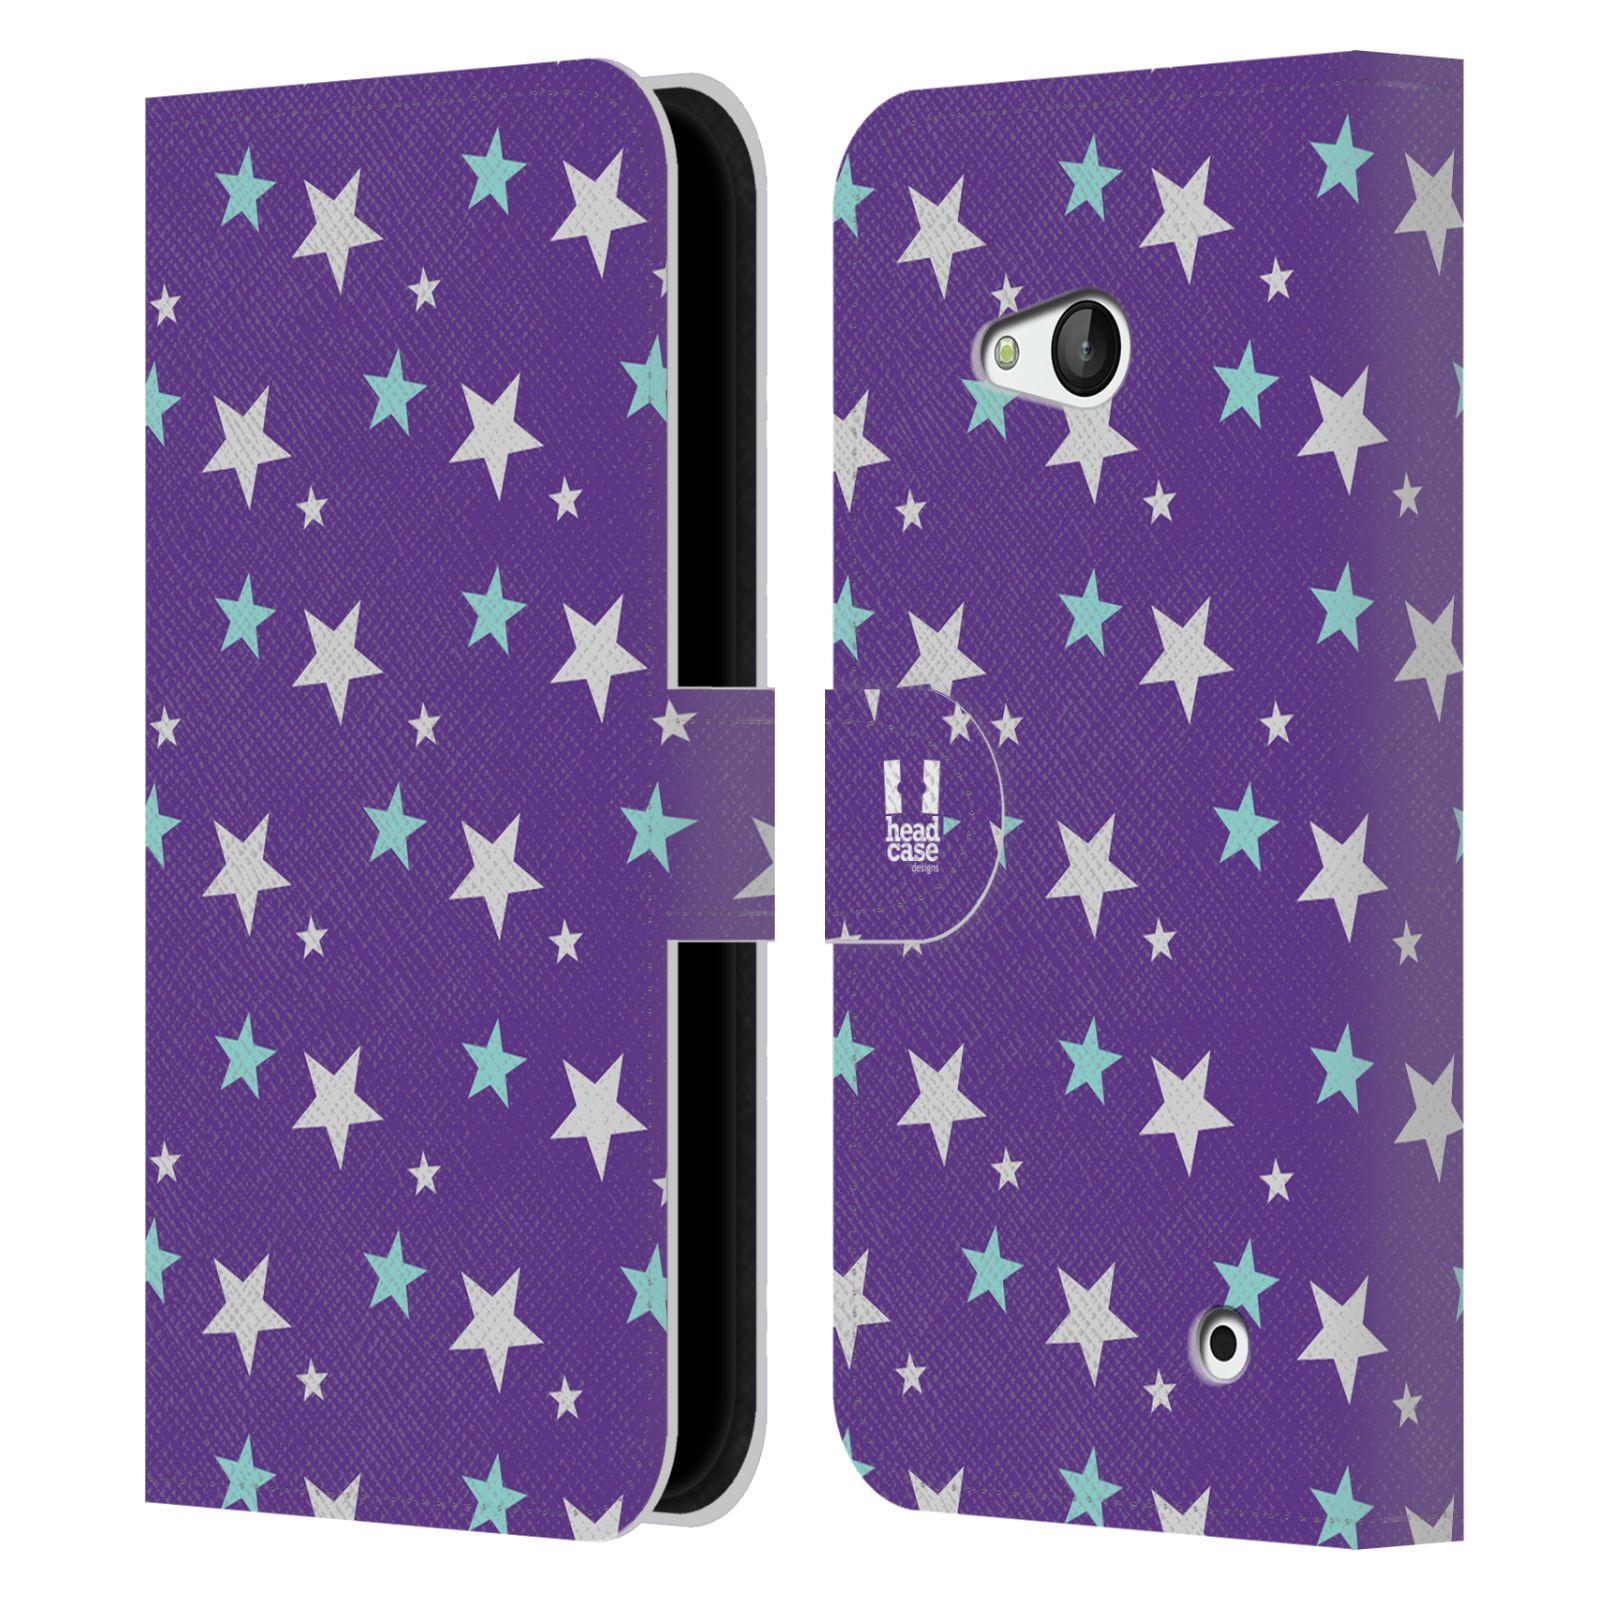 HEAD CASE Flipové pouzdro pro mobil NOKIA / MICROSOFT LUMIA 640 / LUMIA 640 DUAL vzor hvězdičky fialová